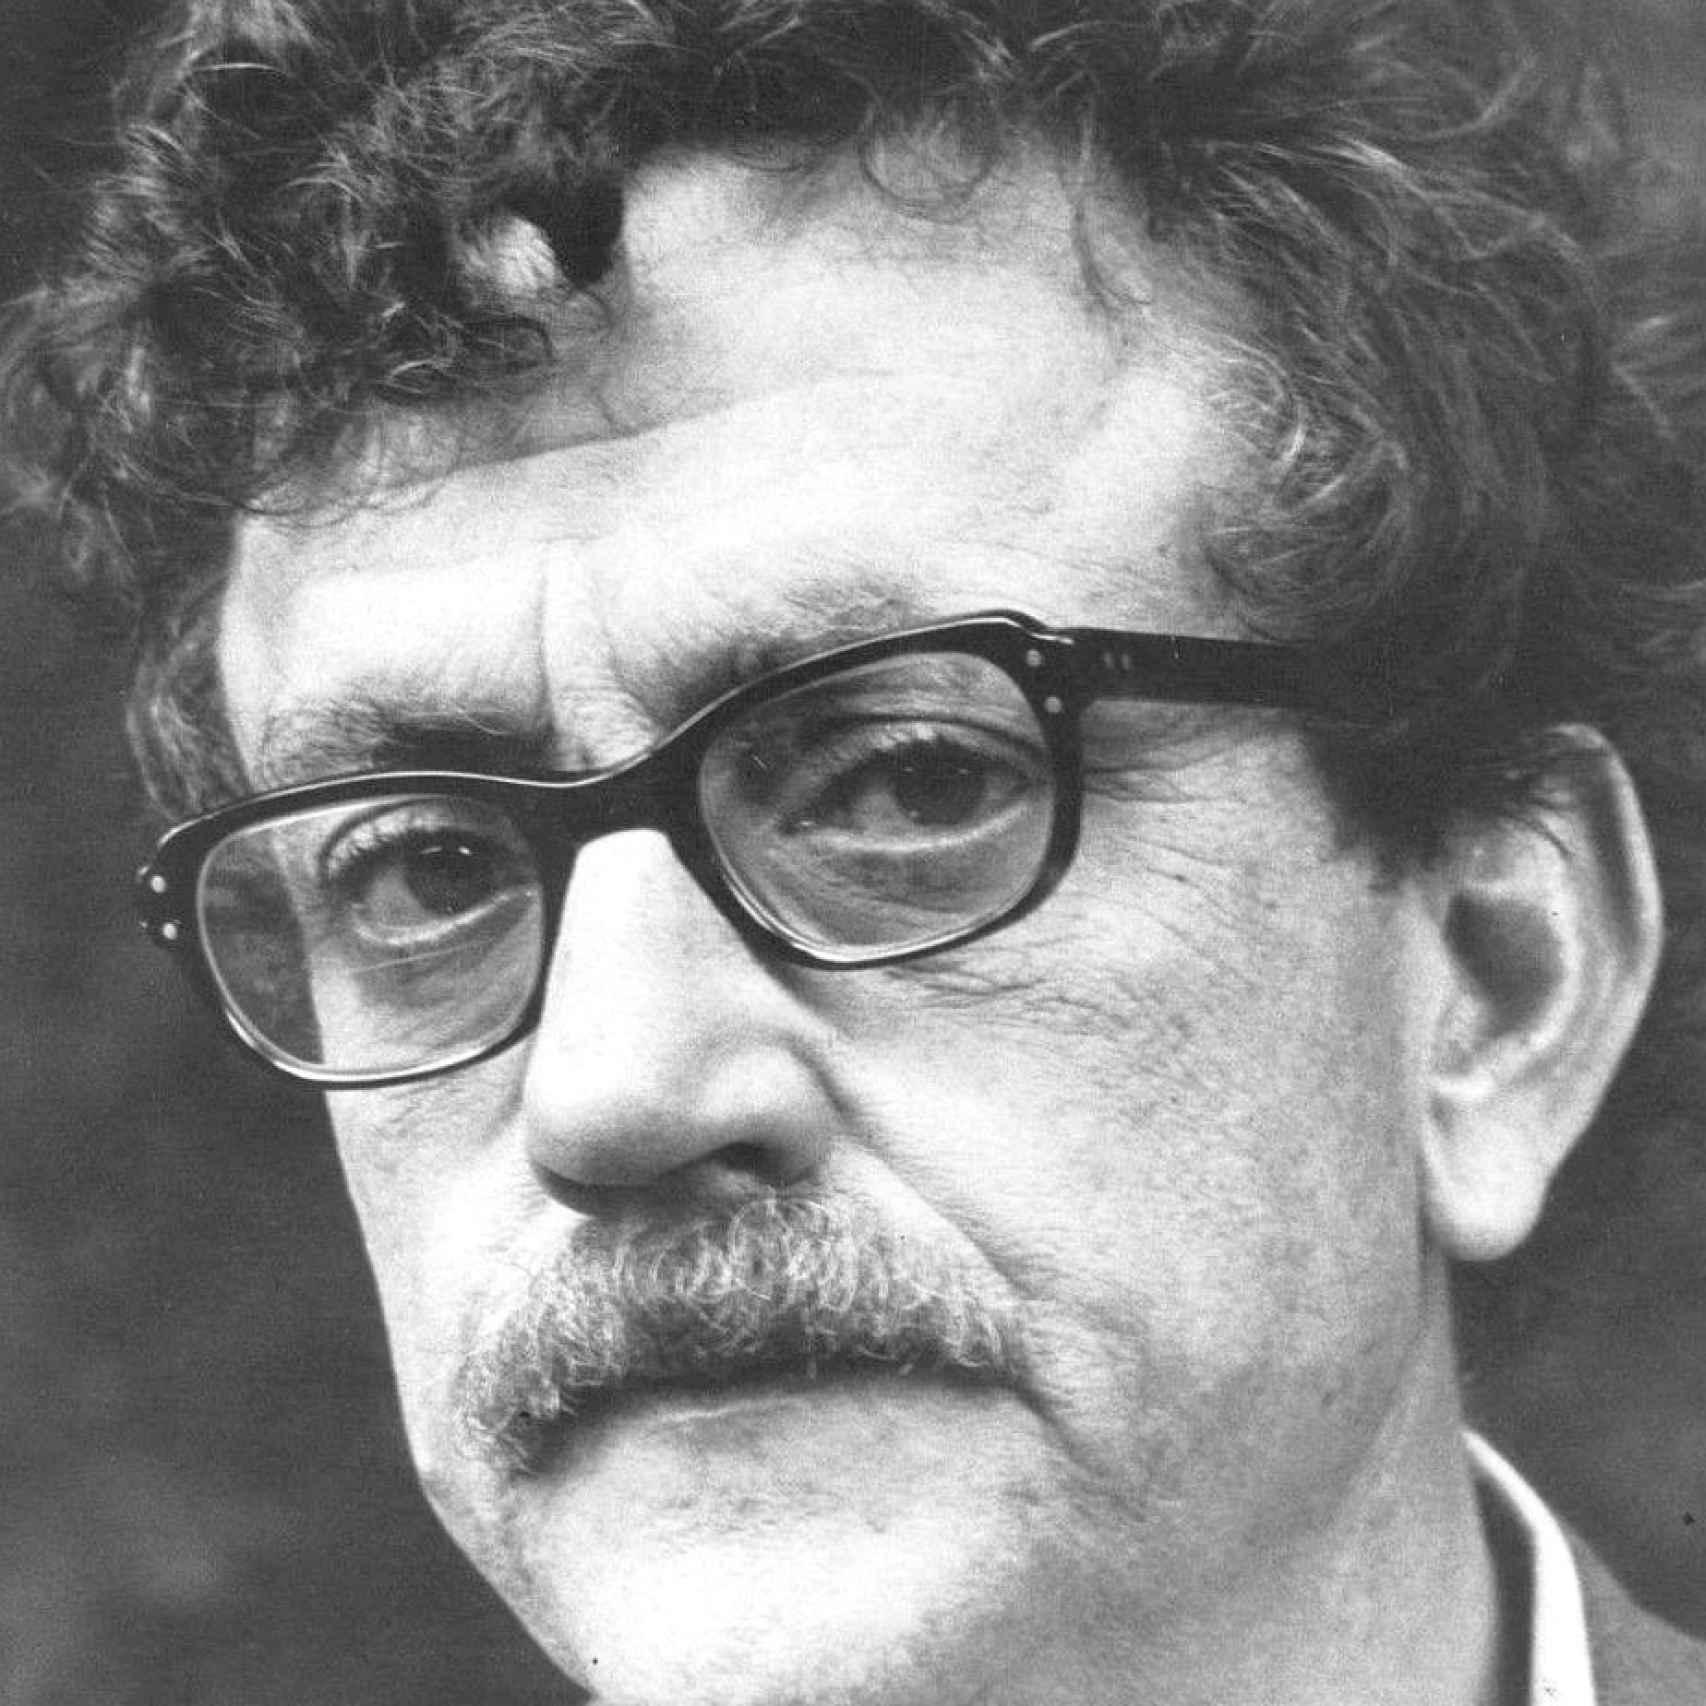 Kurt vonnegut, en 1972.